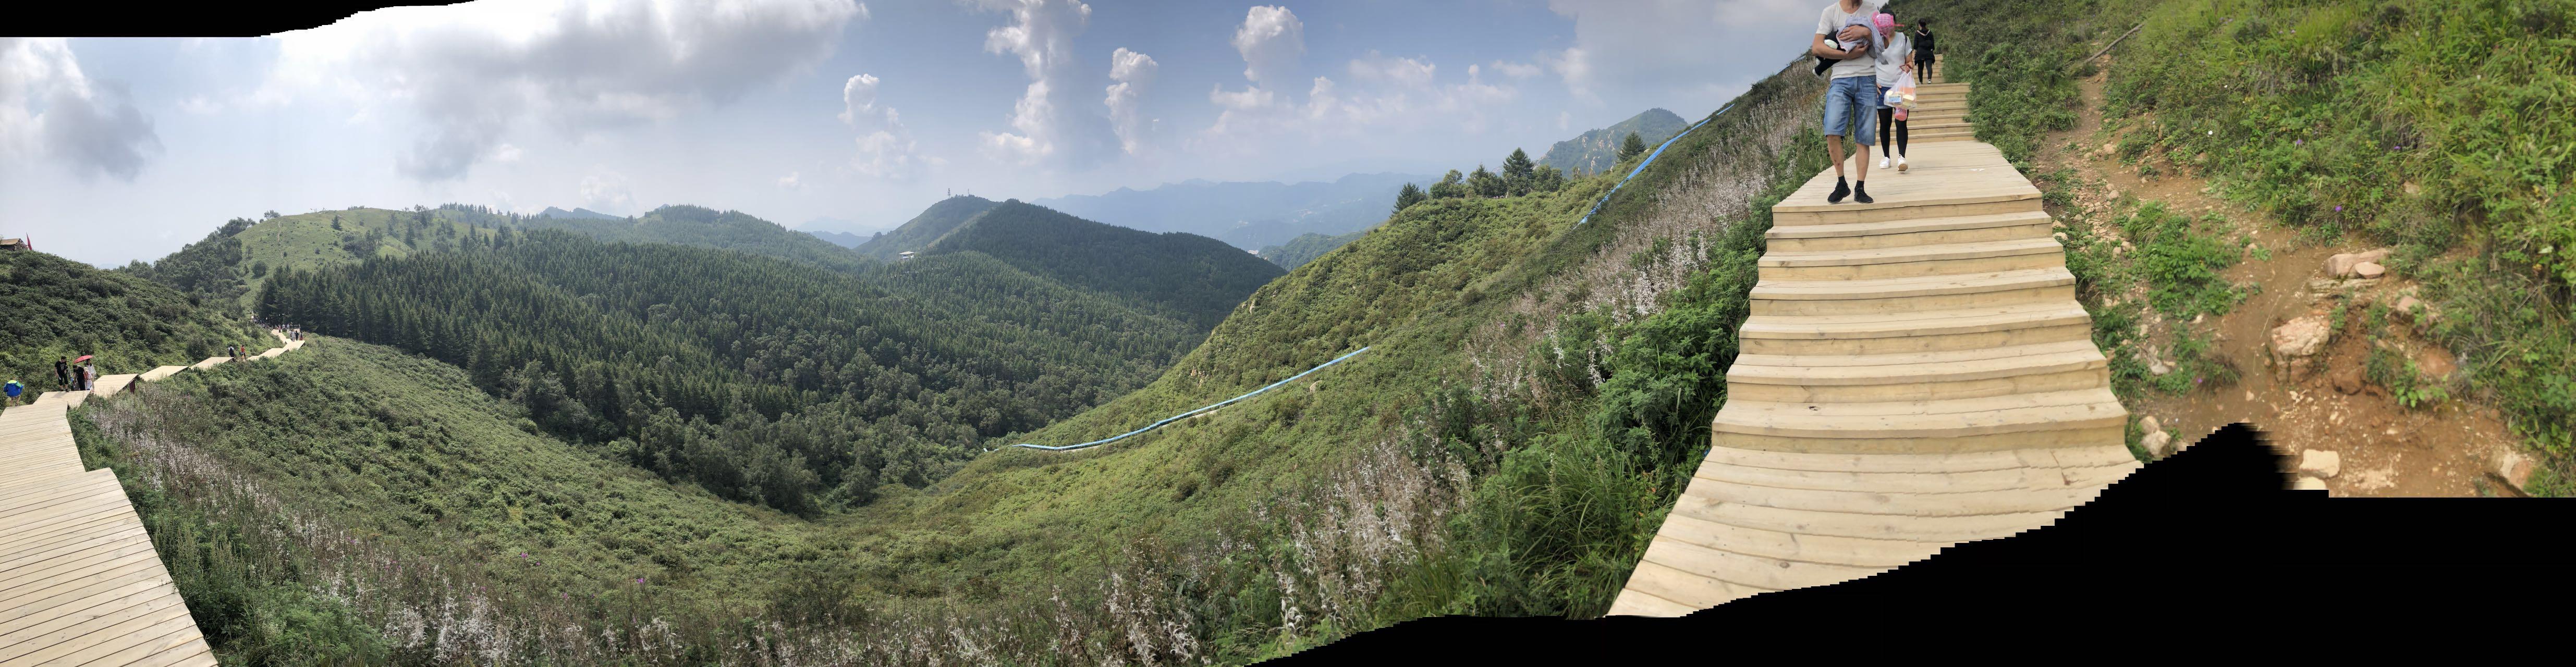 駝梁風景區